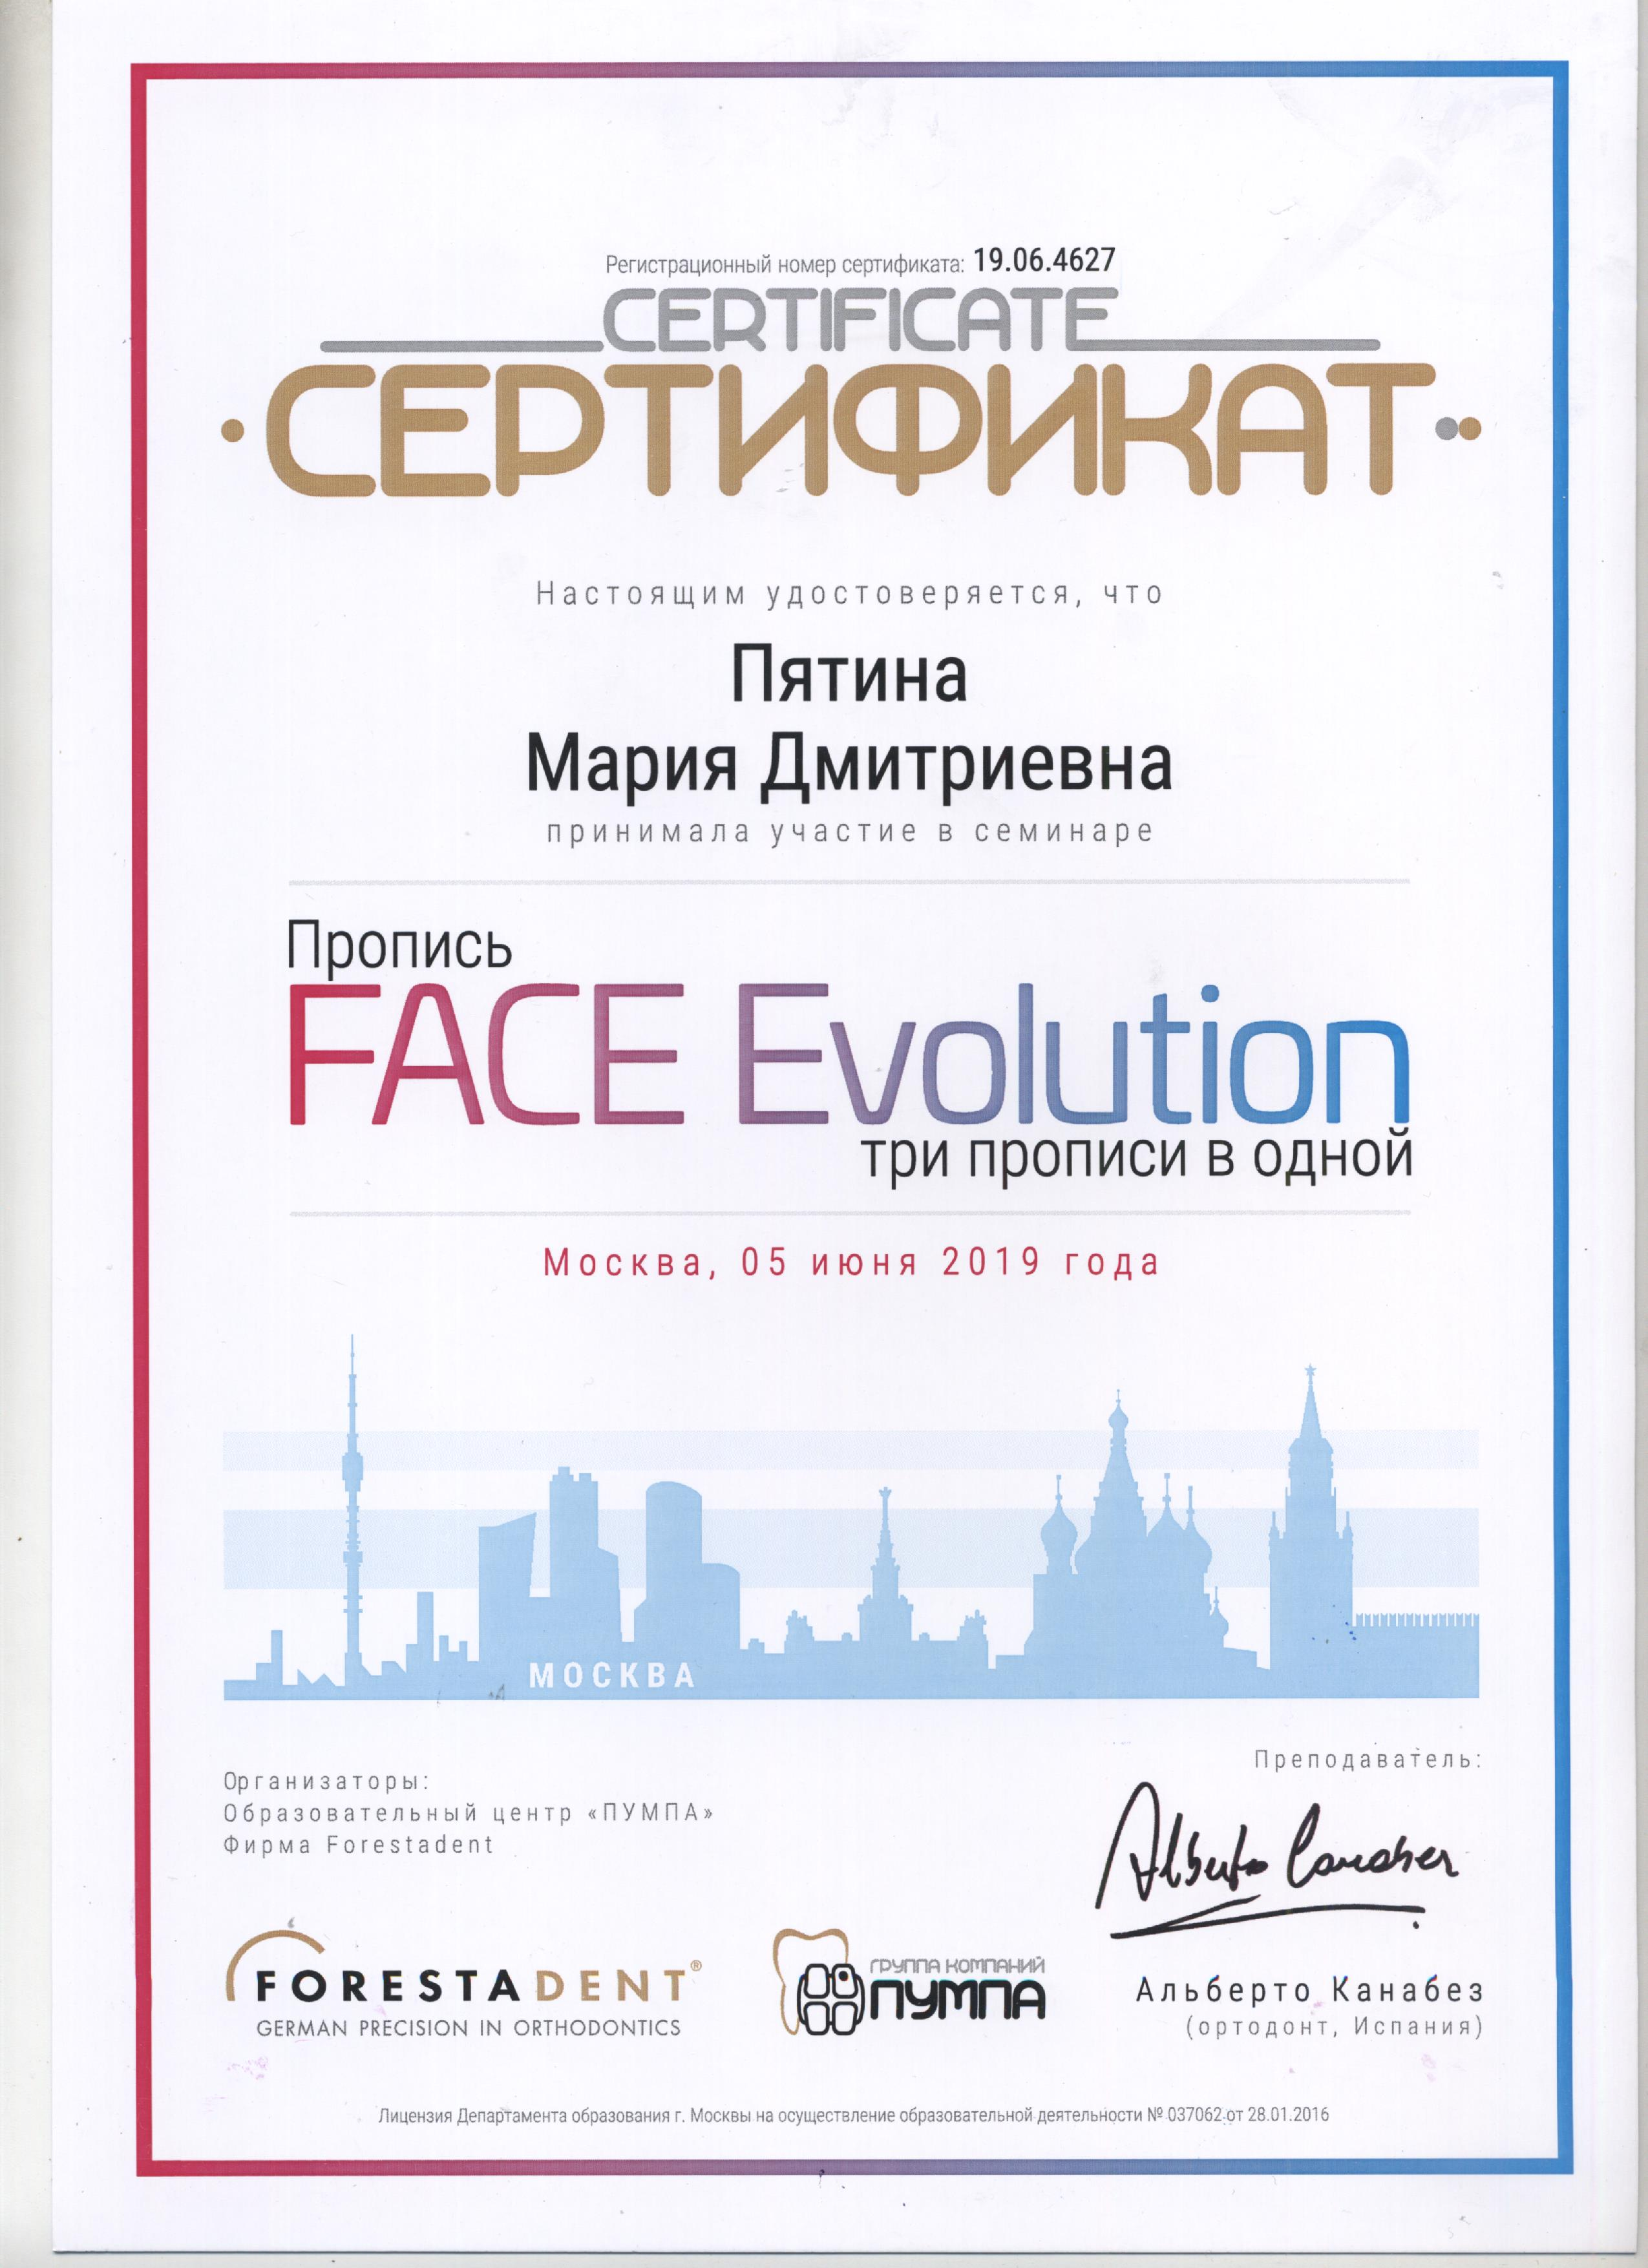 2019, «Пропись Face Evolution - три прописи в одной», Пумпа